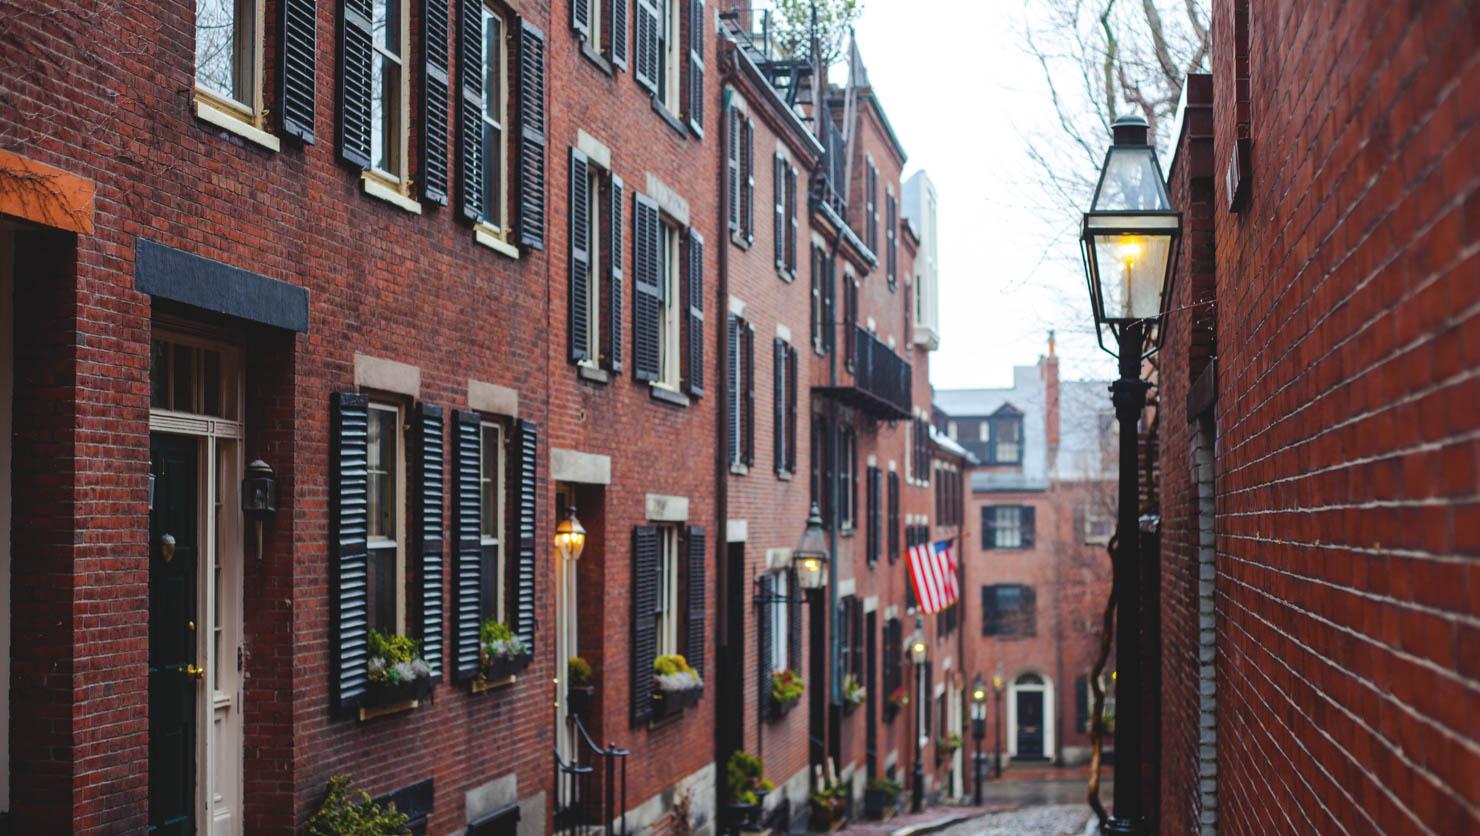 Boston Beacon Hill neighborhood